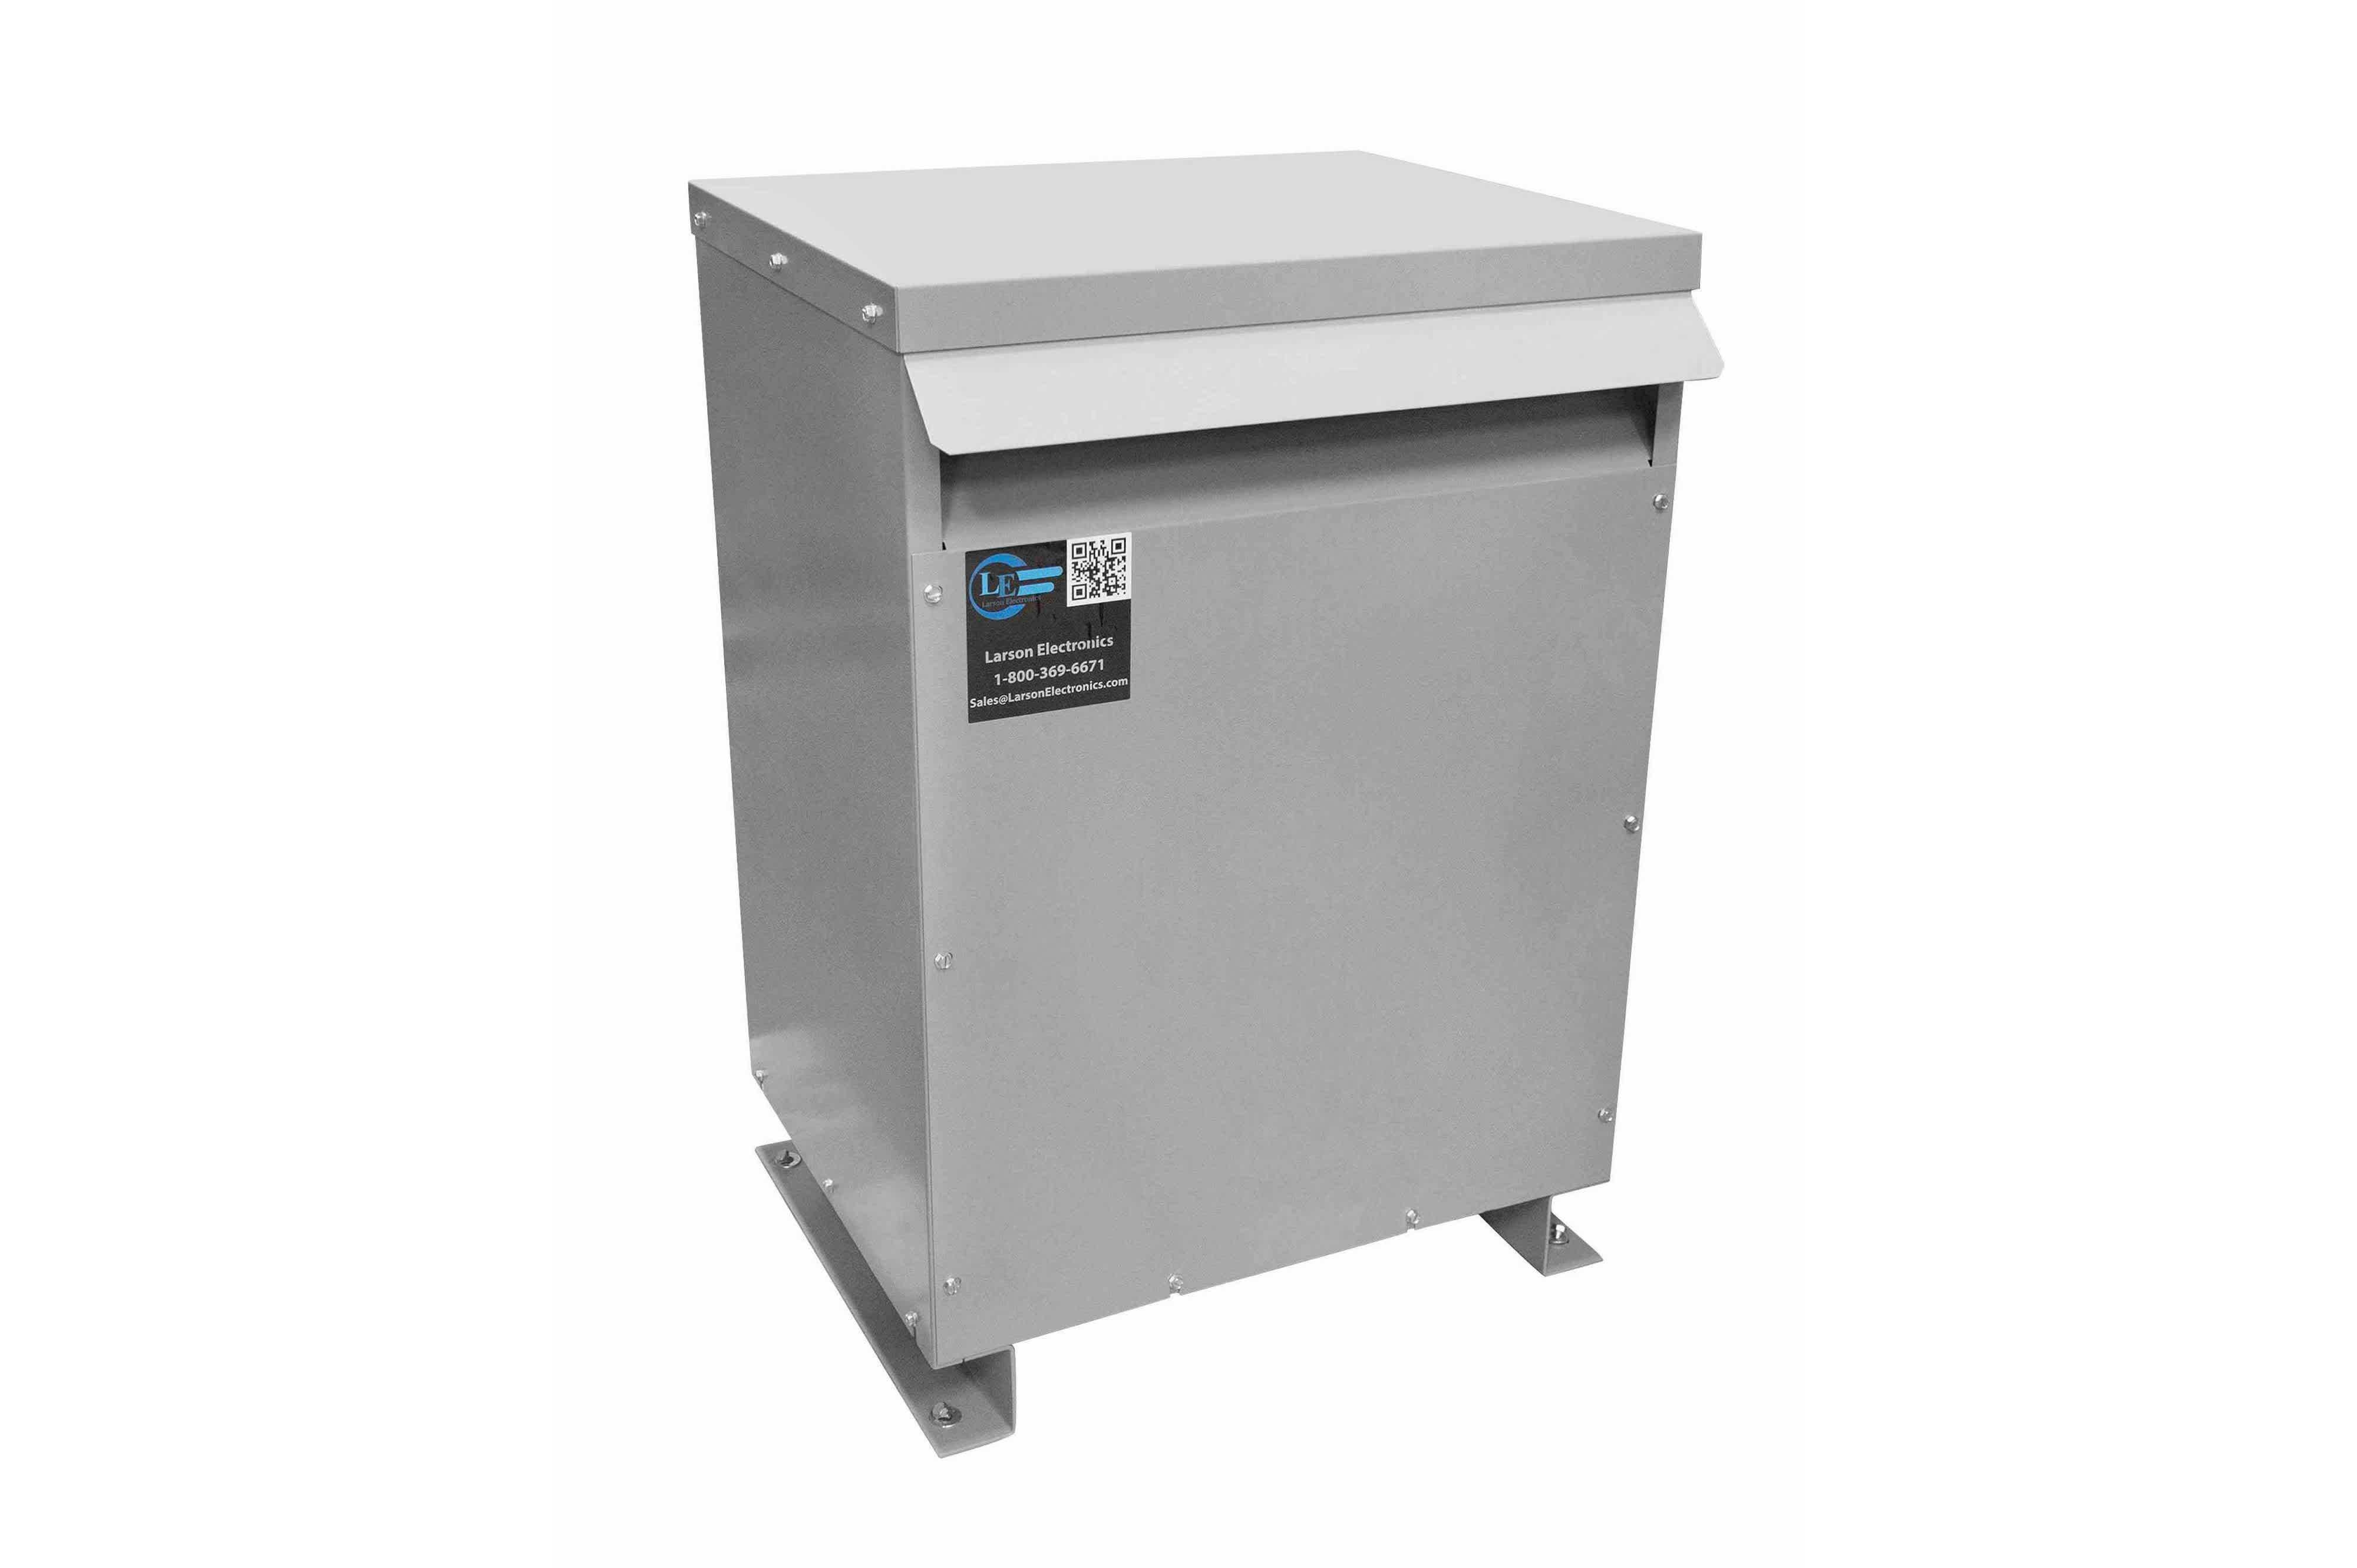 115 kVA 3PH Isolation Transformer, 600V Delta Primary, 400V Delta Secondary, N3R, Ventilated, 60 Hz